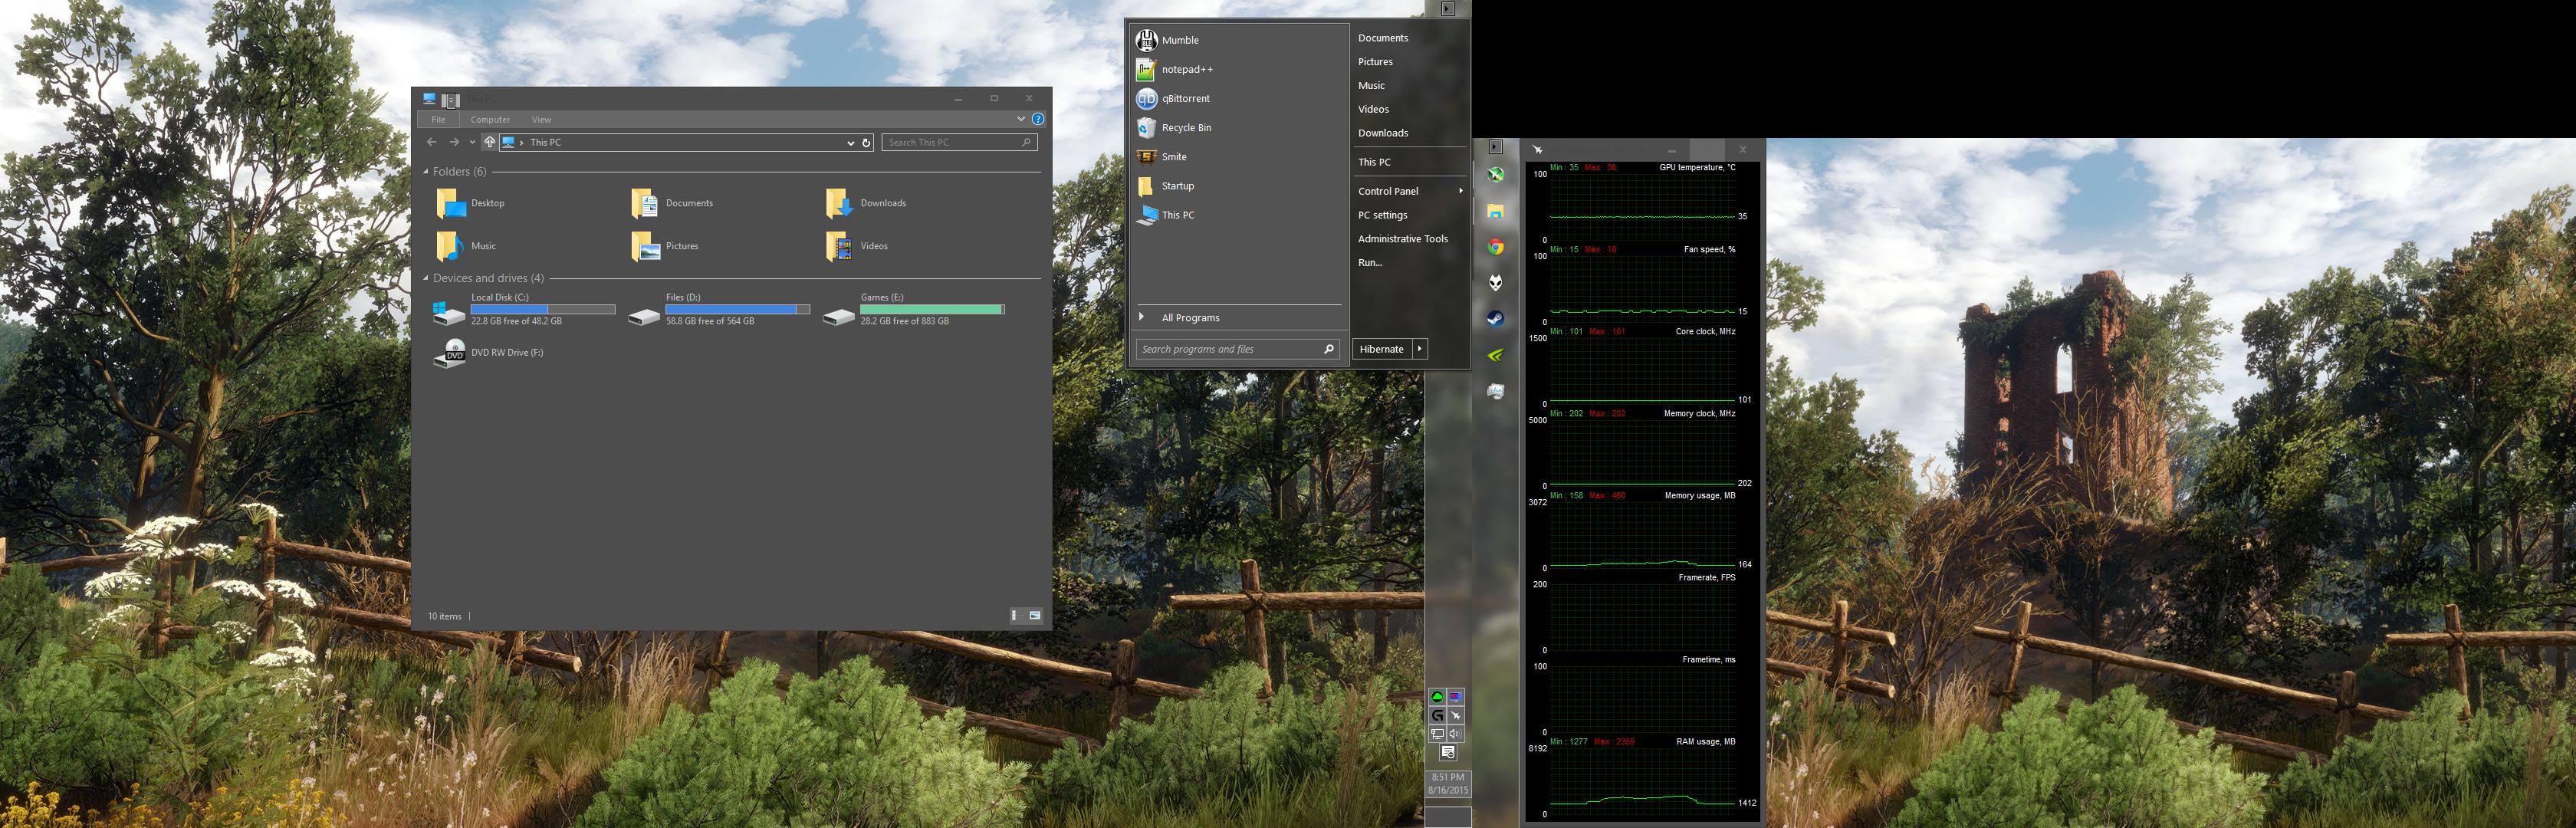 Windows 10 Dark Sudo Theme by Cyberdyne12489